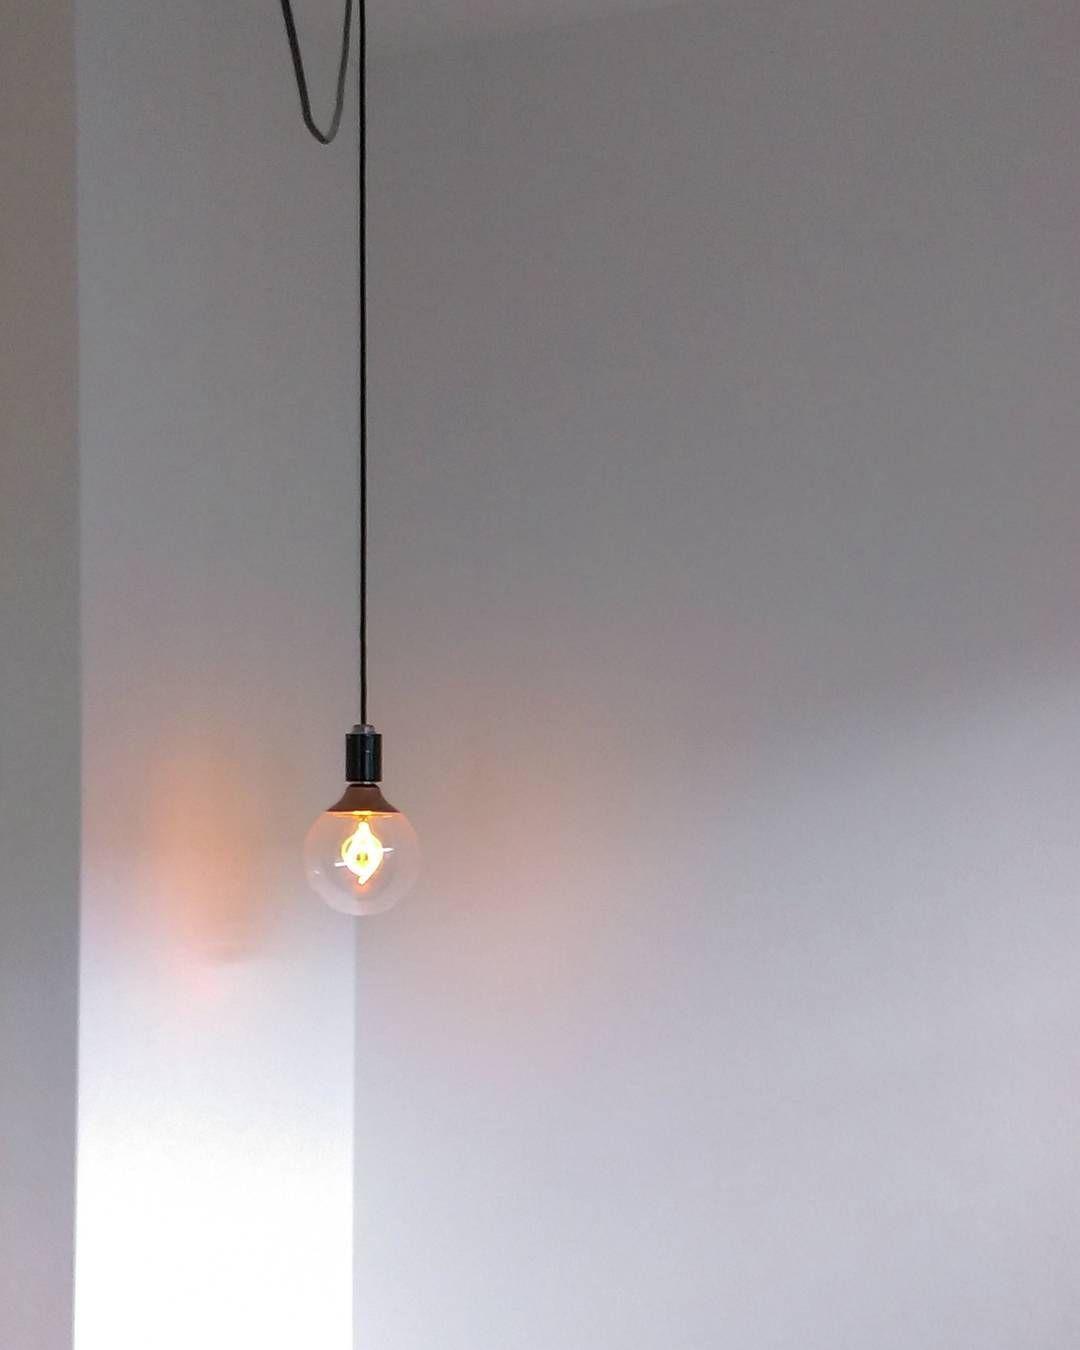 これひとつでおしゃれ部屋 Ikeaの照明のコスパがすばらしい 画像あり モダンな照明 Ikea ライト 照明